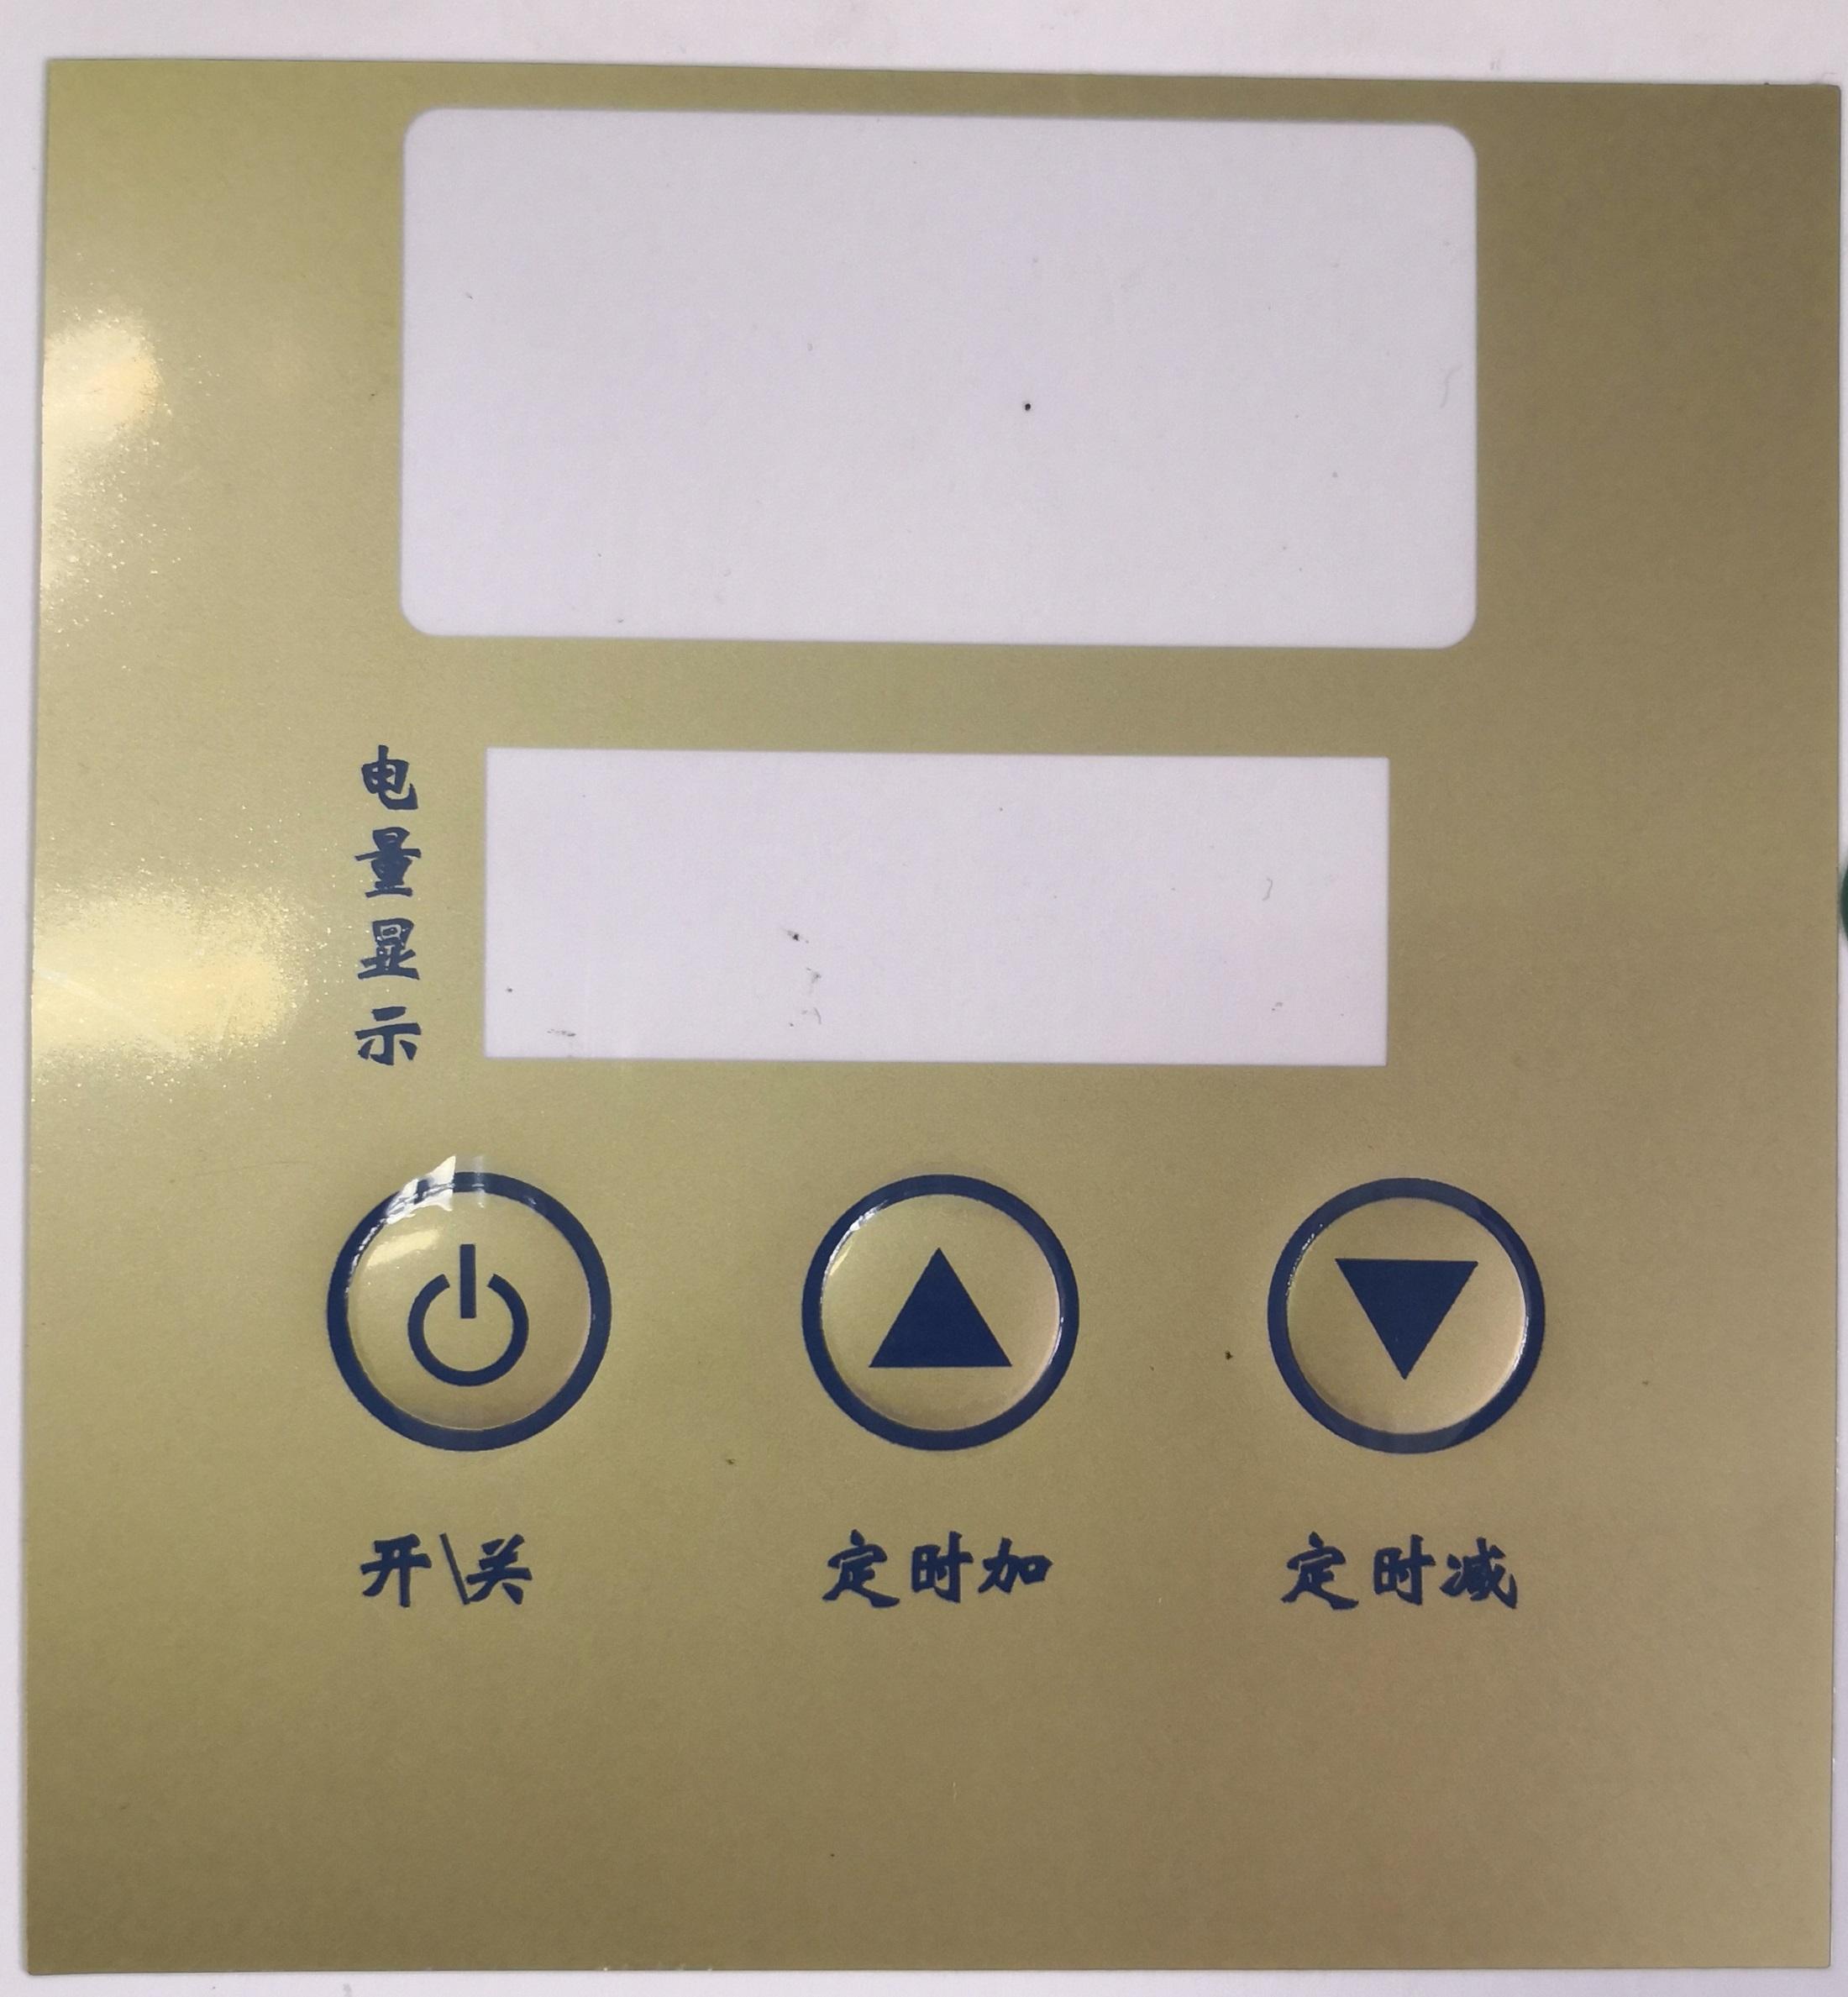 贴花印刷各类硅胶按键印刷高精密的丝网印刷德州